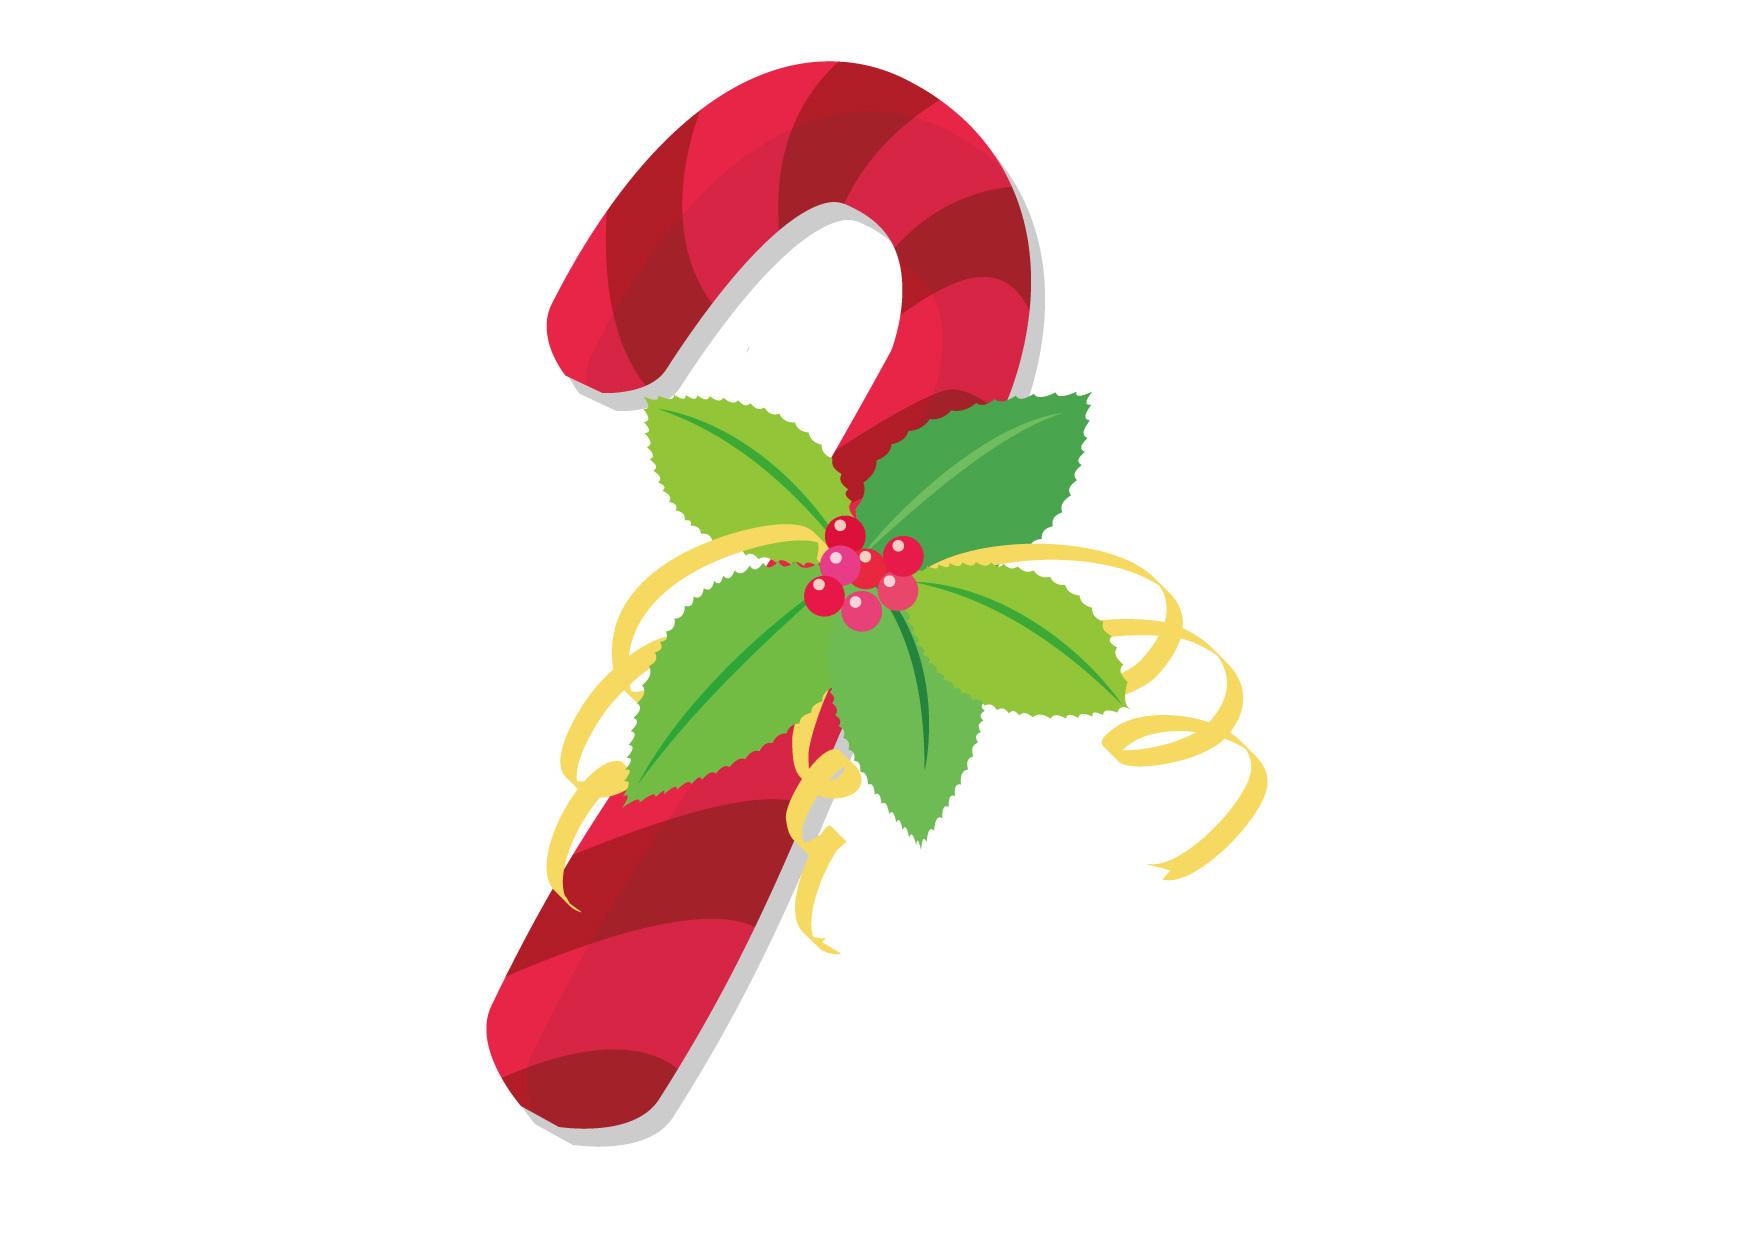 可愛いイラスト無料|クリスマス ステッキ 赤 − free illustration Christmas stick red